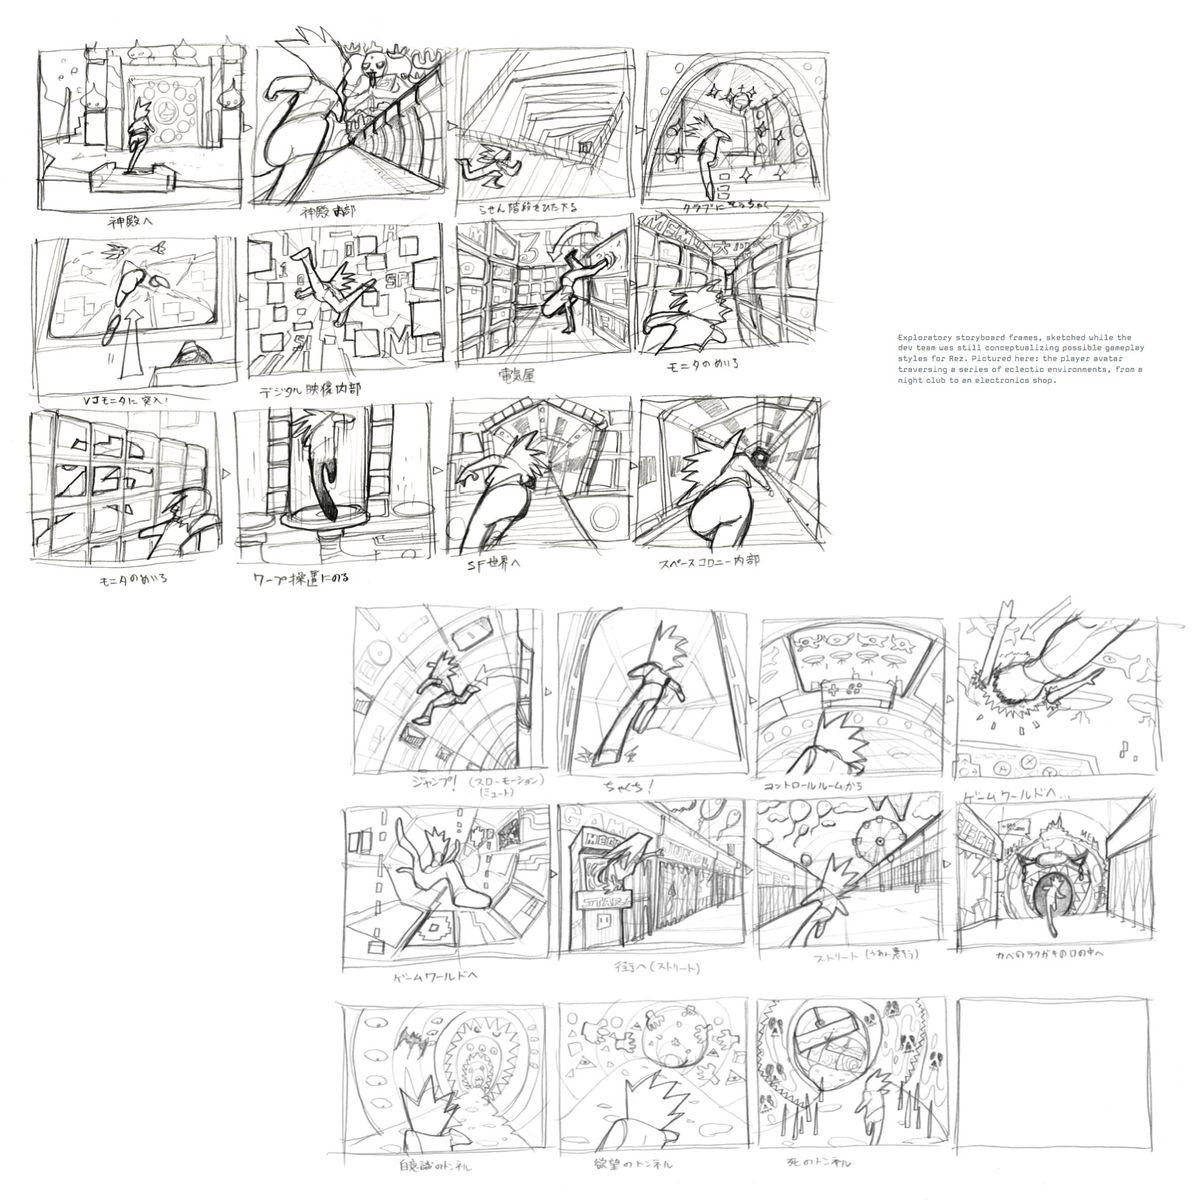 Rez sketchbook illustrations